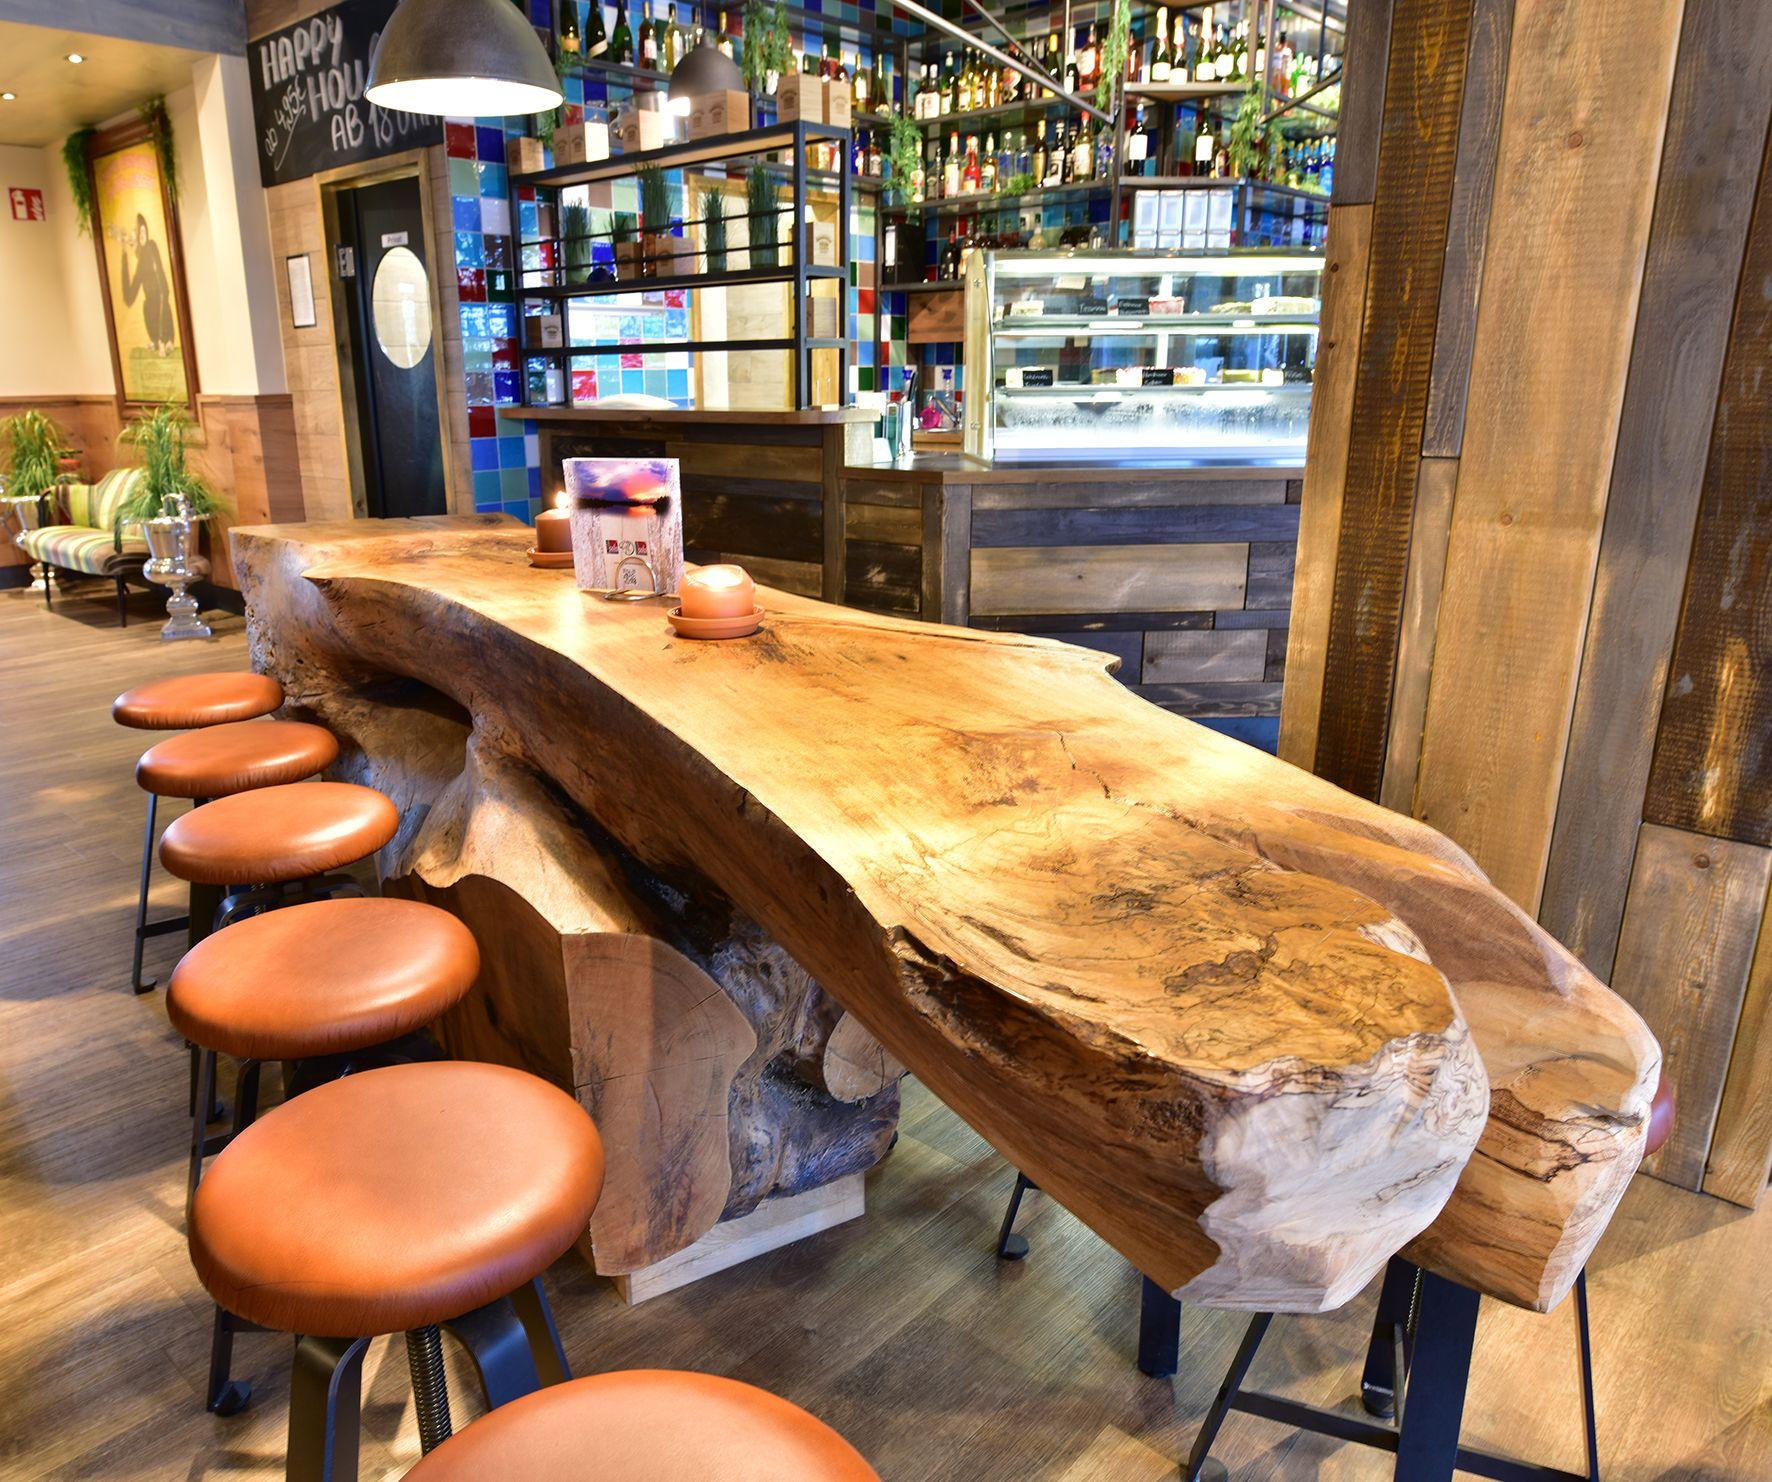 Halber Baumstamm Als Tisch Ein Baumstamm Als Tisch Ist Eins Der Highlights Der Kreativen Einrichtung Von Solo S Ewi Partyhutte Baumstamm Tisch Massivholztisch